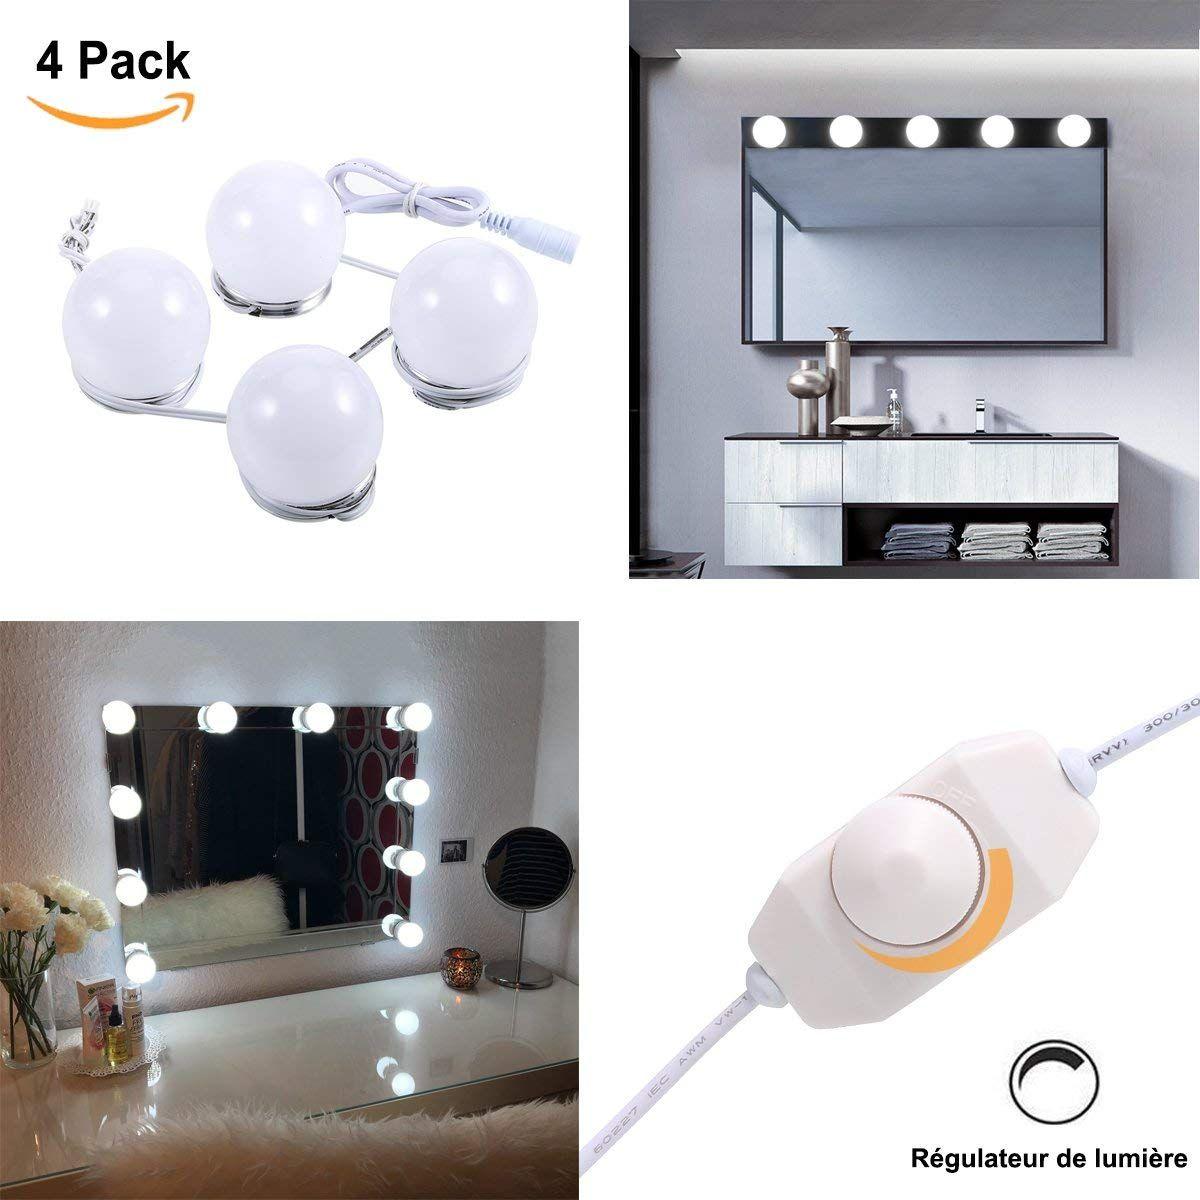 Greenclick 4 Miroir Lampe Miroir Maquillage Regulateur De Lumiere Avec Adaptateur Pour Miroir De C Miroir Avec Lumiere Miroir Maquillage Miroir De Courtoisie